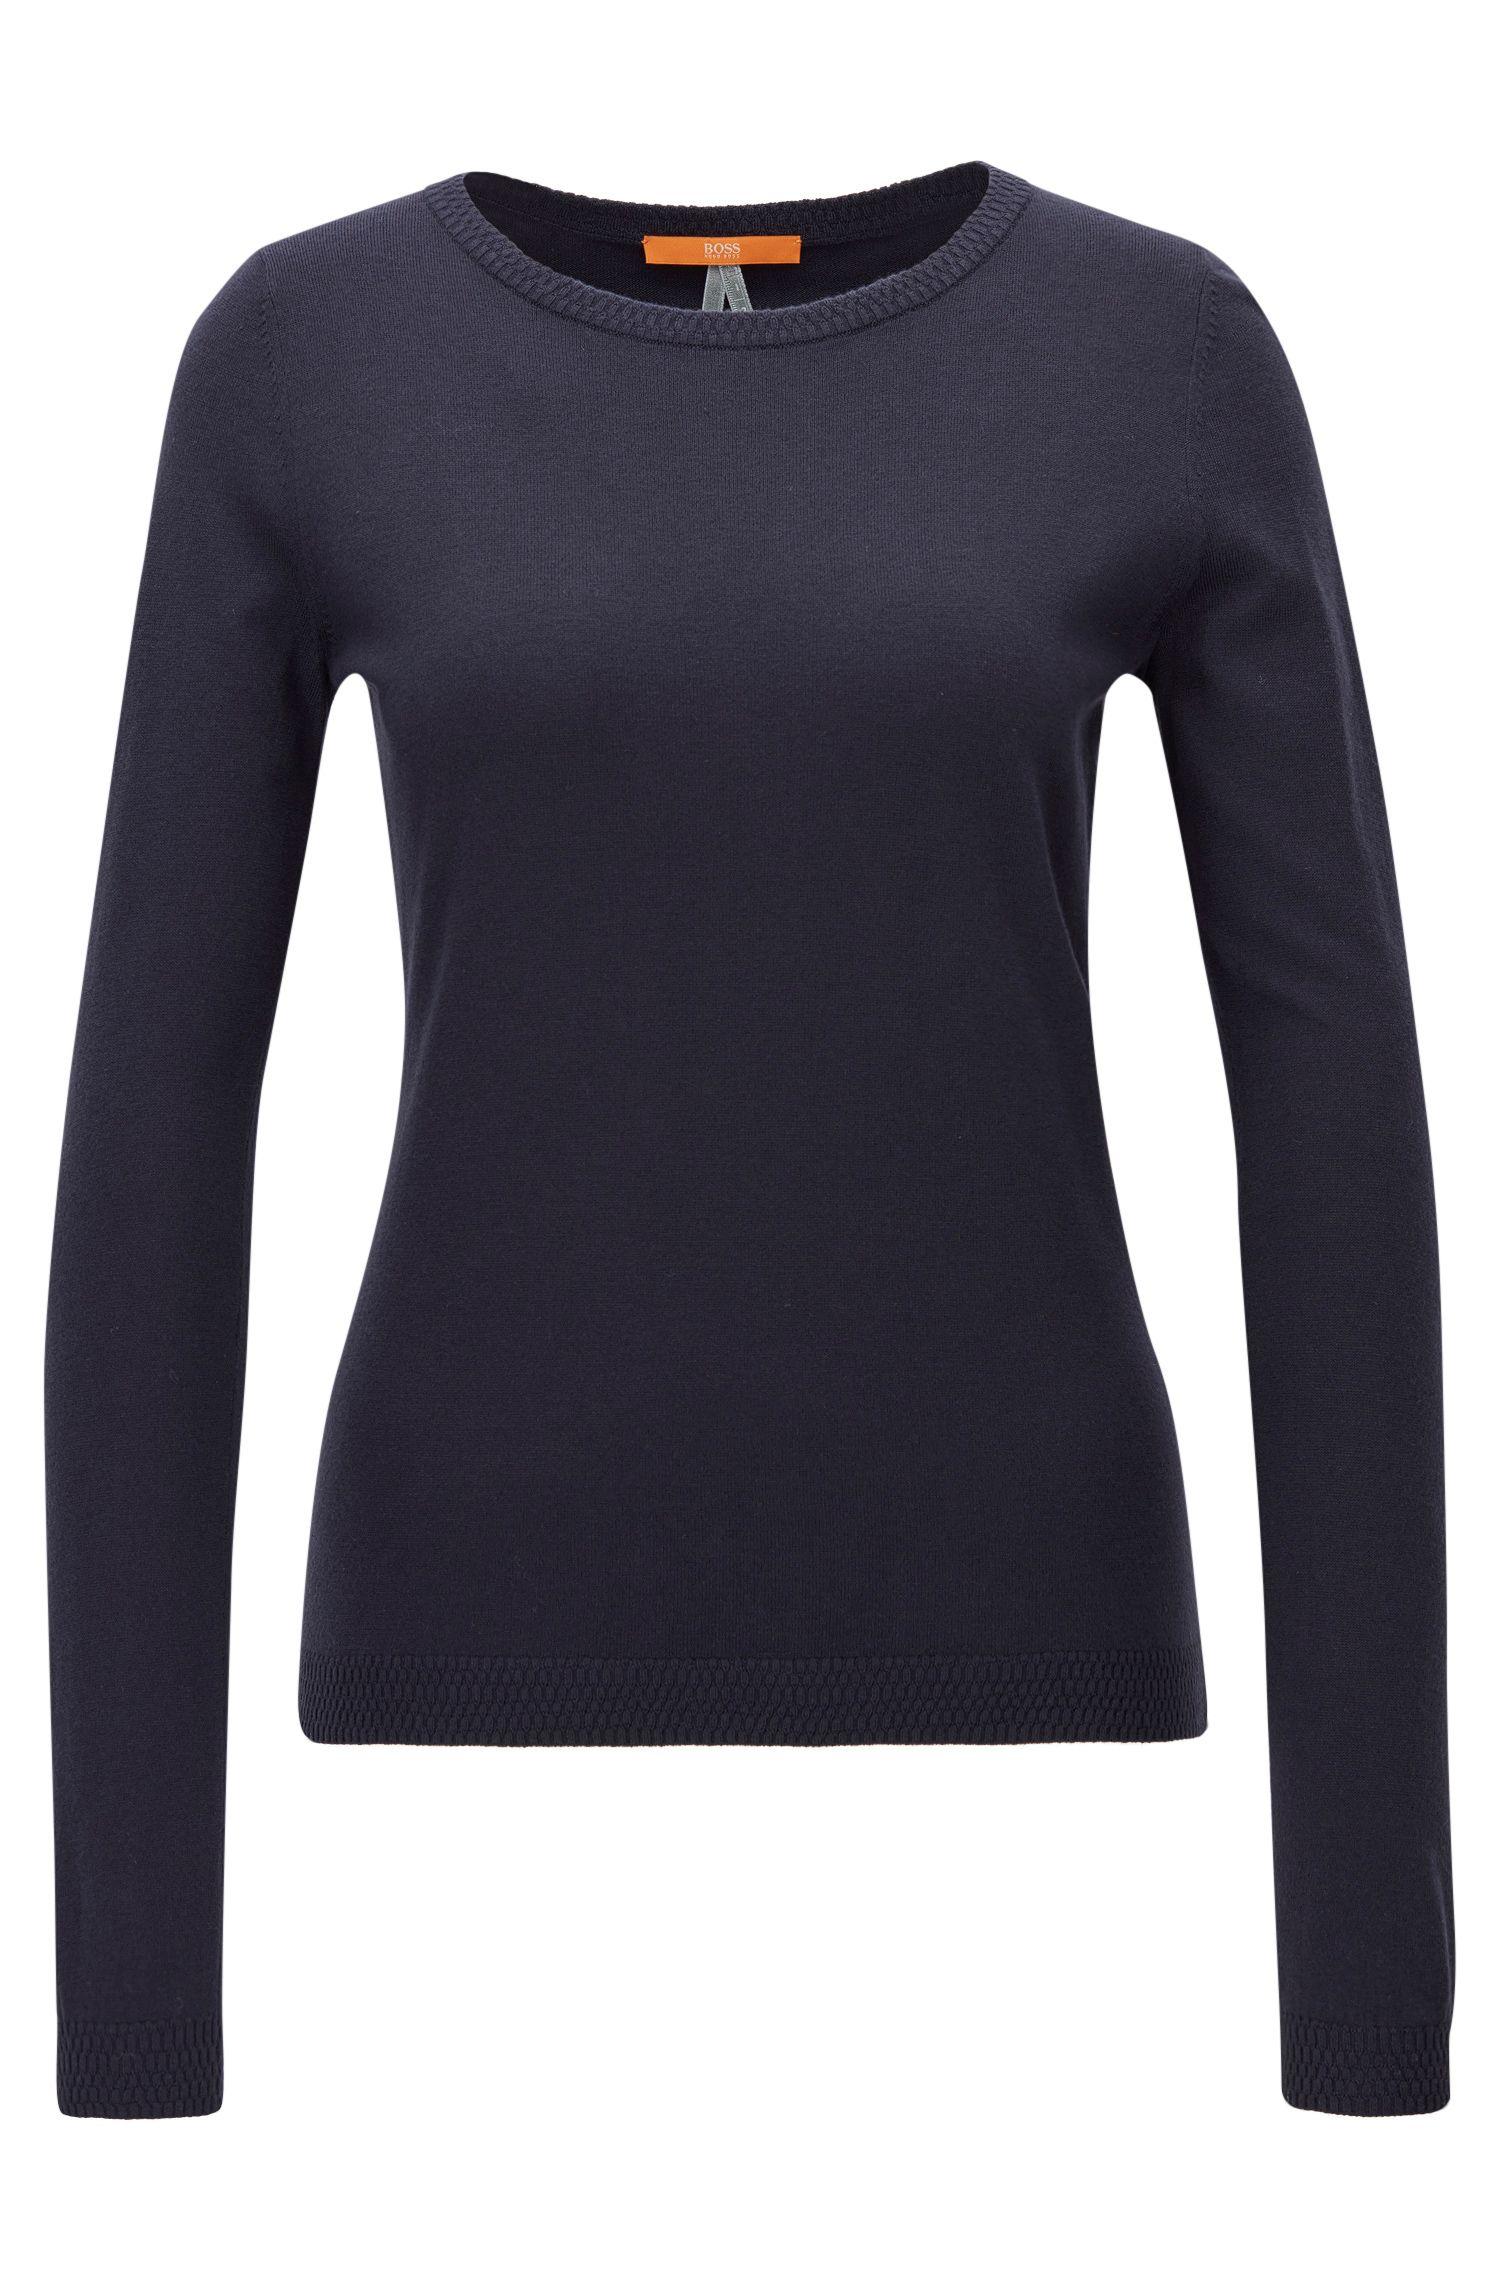 Slim-fit sweater in single jersey blend